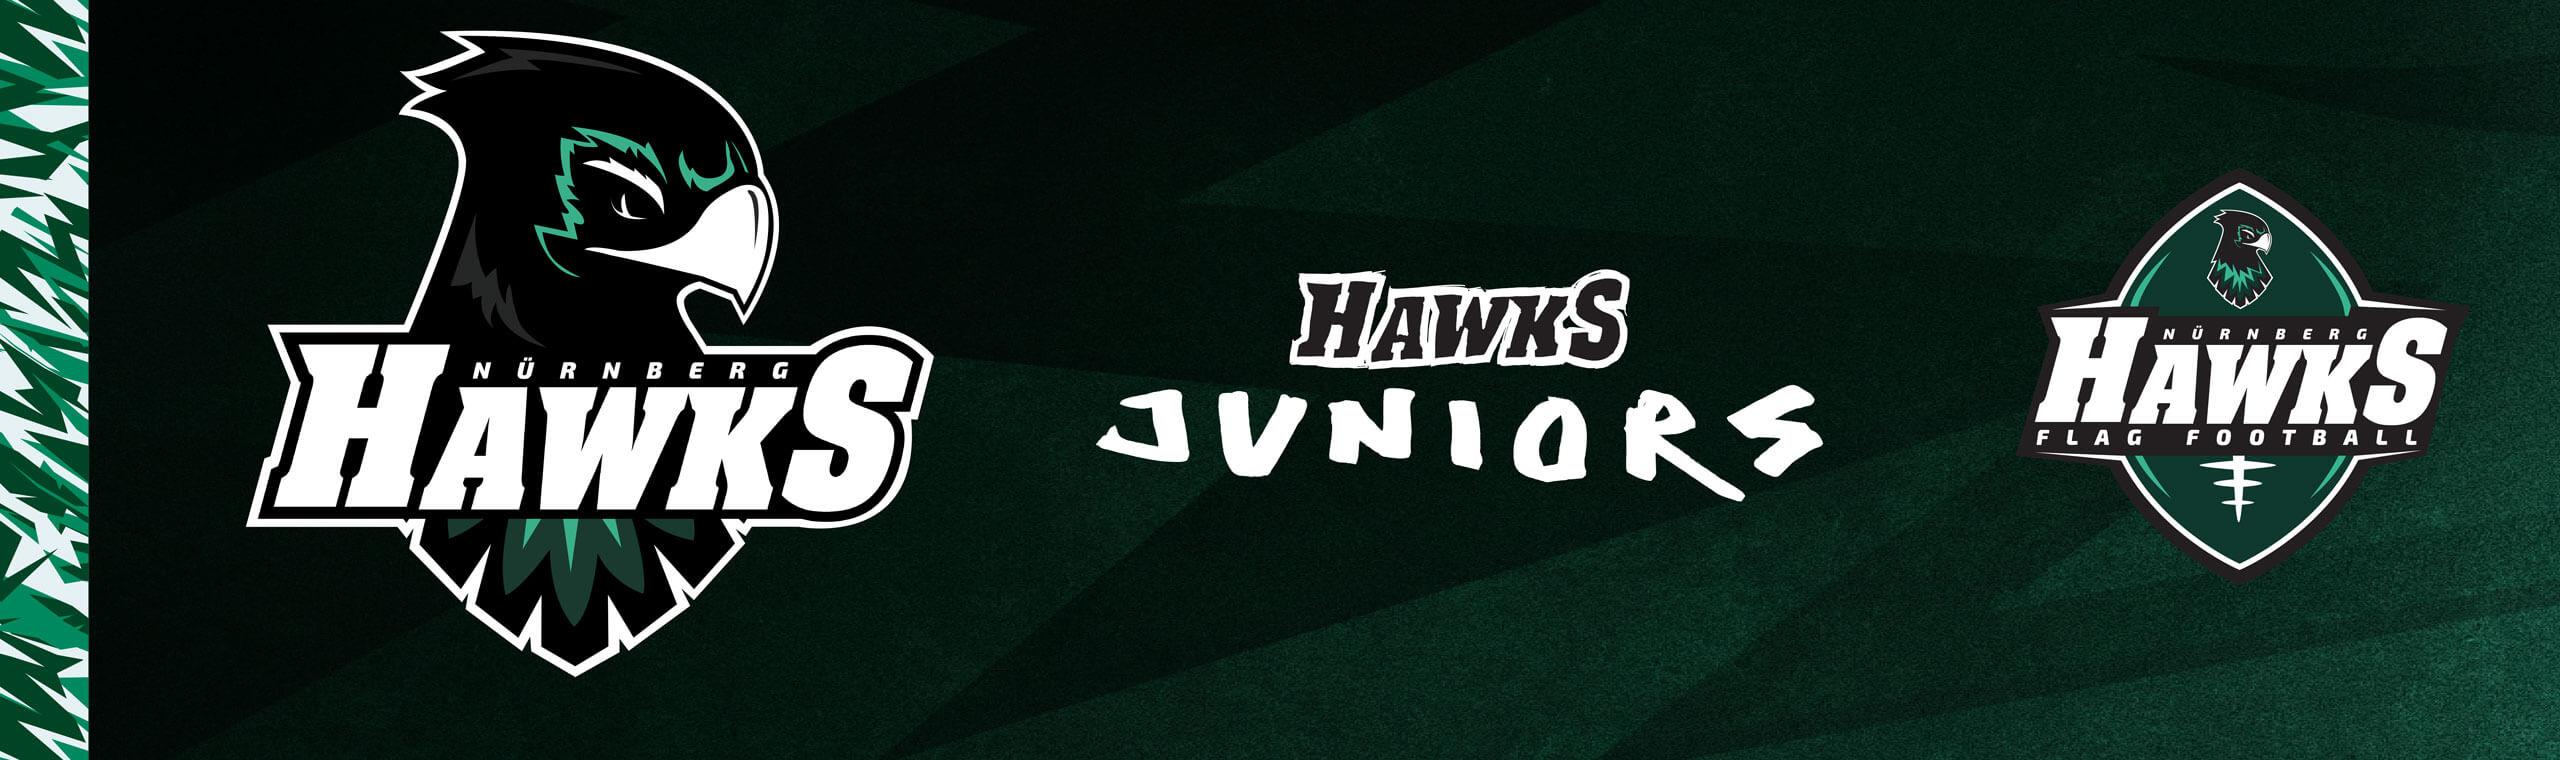 hawks teams